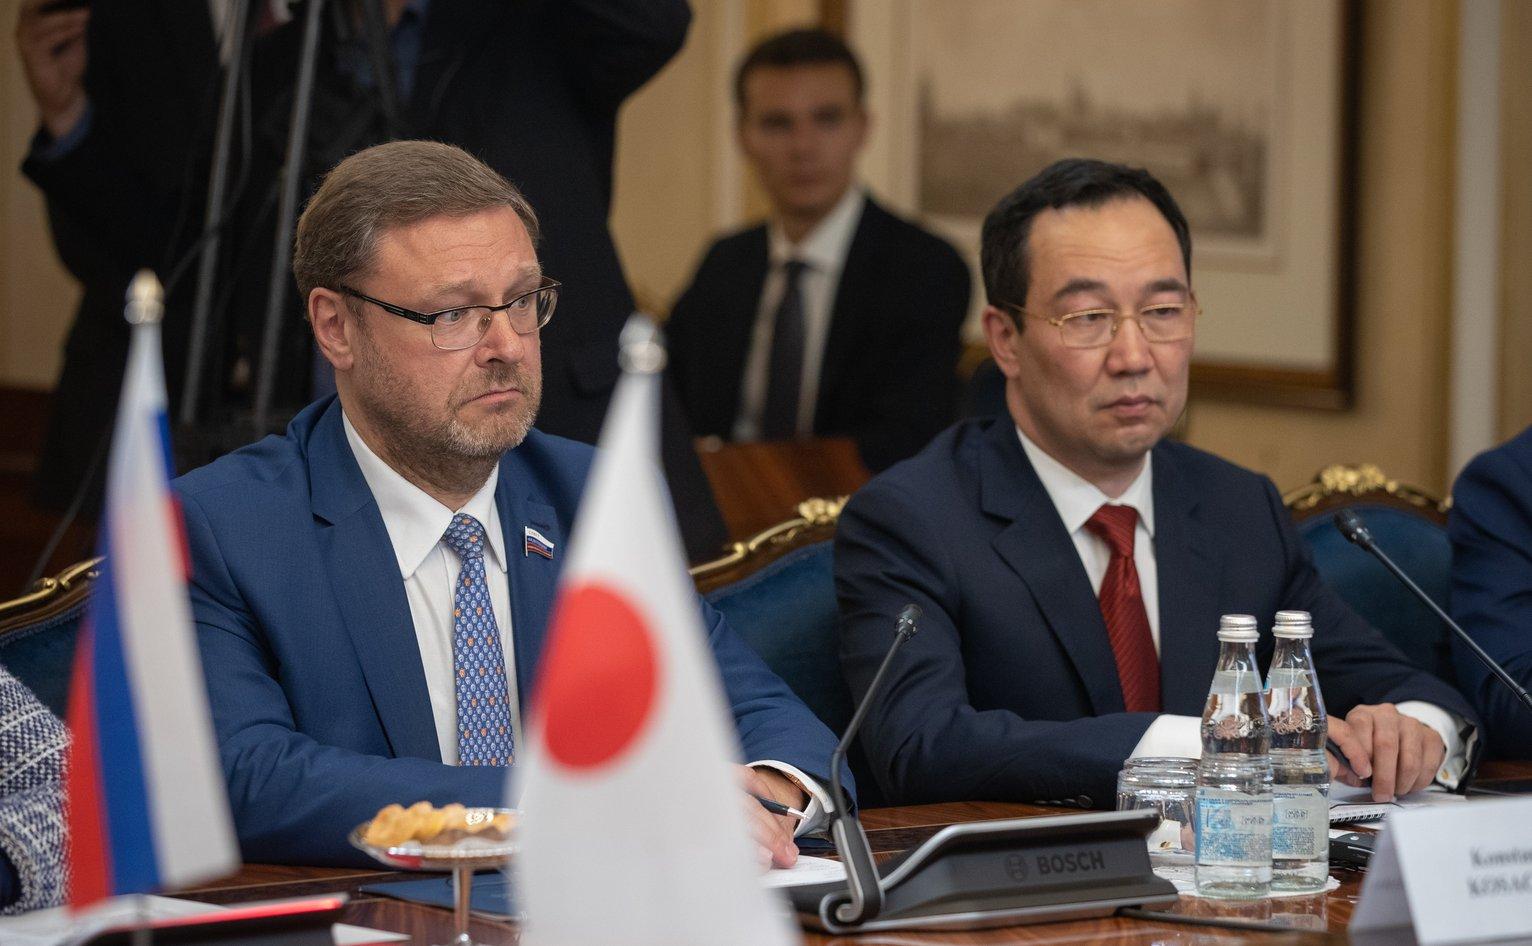 Валентина Матвиенко поддержала предложение Айсена Николаева о смягчении визового режима с Японией